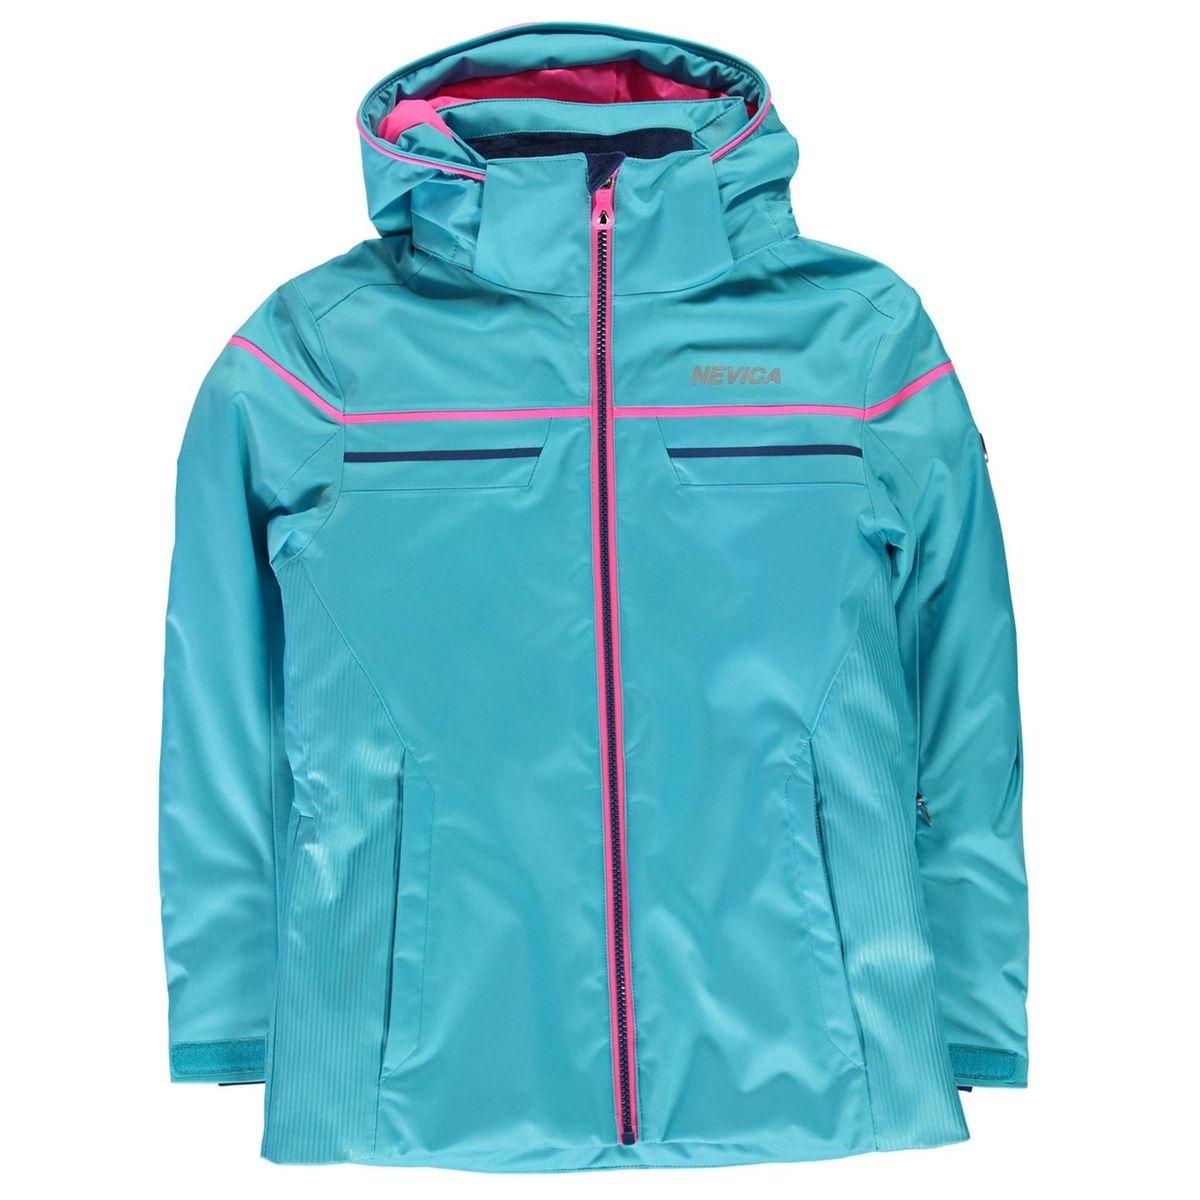 Ski veste blouson à capuche